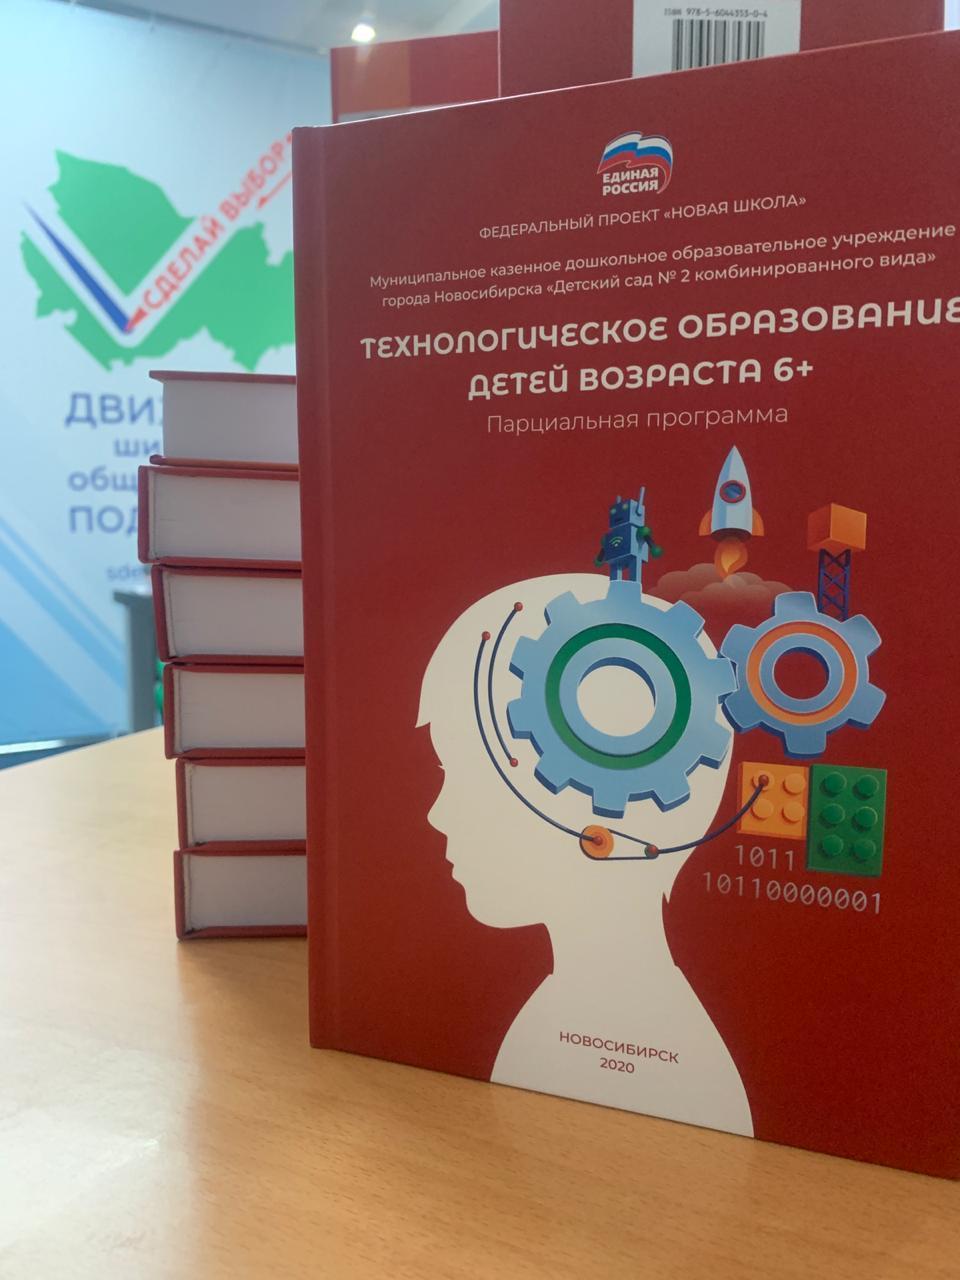 Фото В новосибирских детсадах технологическое образование будут развивать по-новому 4